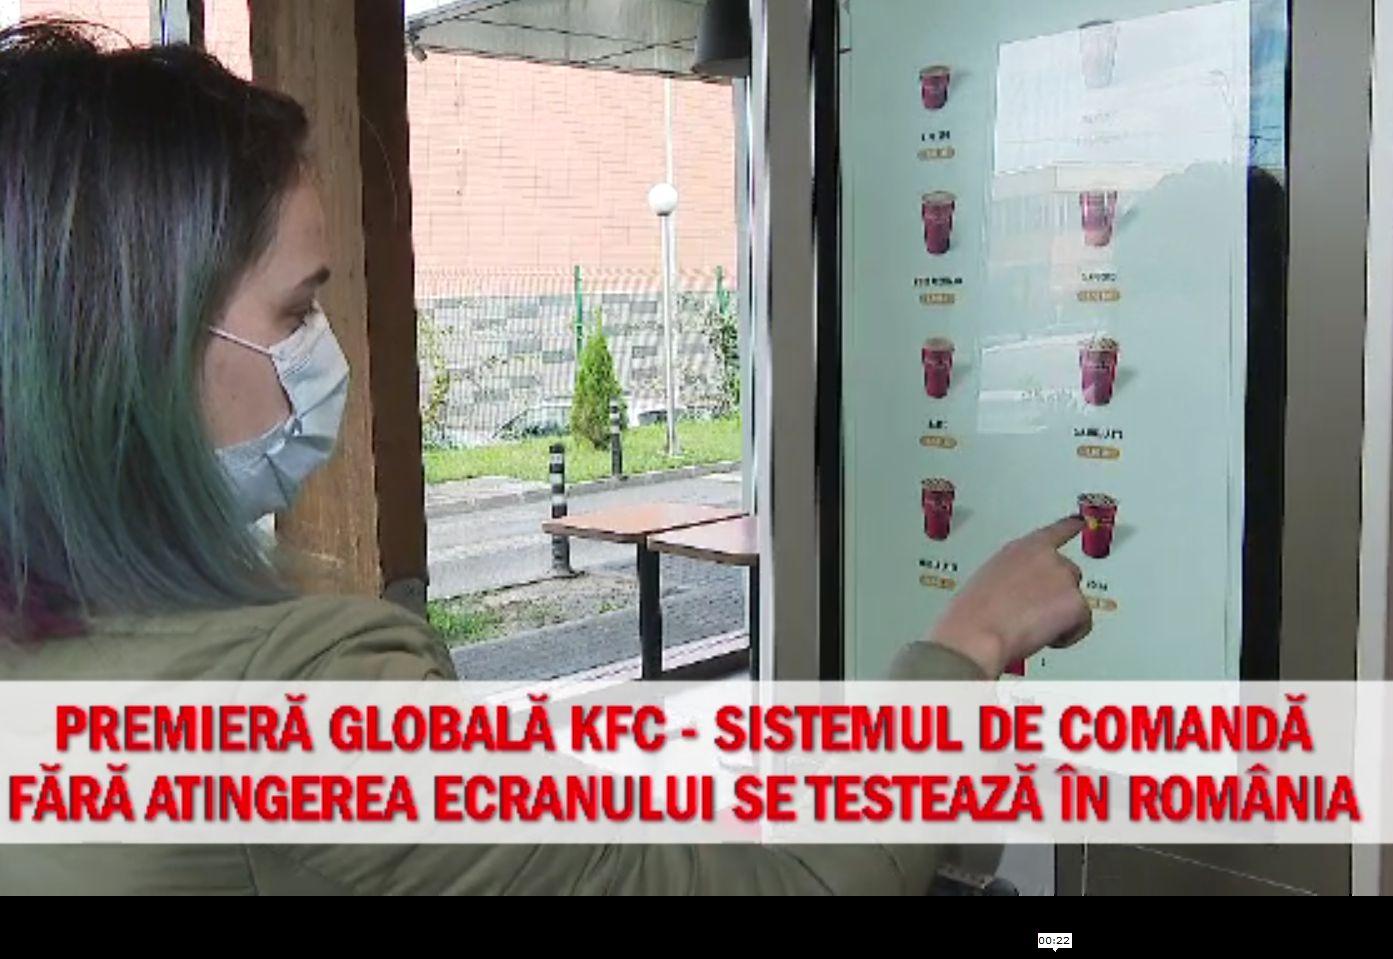 (P) Premieră globală KFC – sistemul de comanda fără atingerea ecranului se testează în România